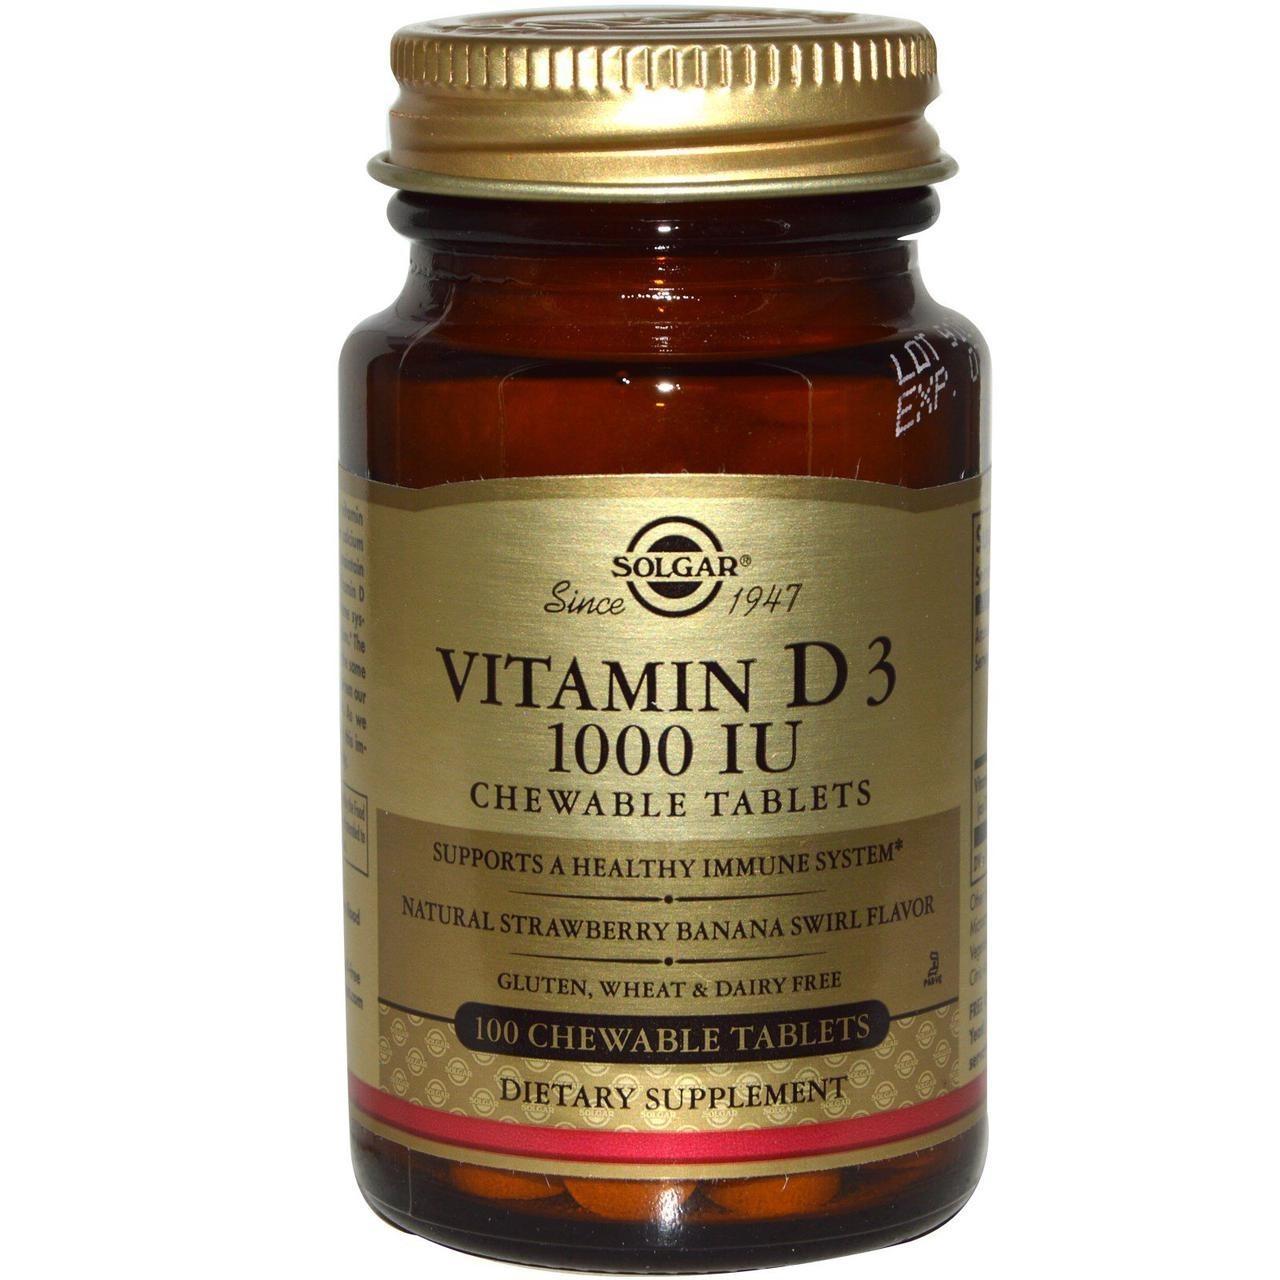 Витамины Солгар Витамин Д3 25мкг 1000 МЕ 100 таблеток Solgar Vitamin D3 (5512468)